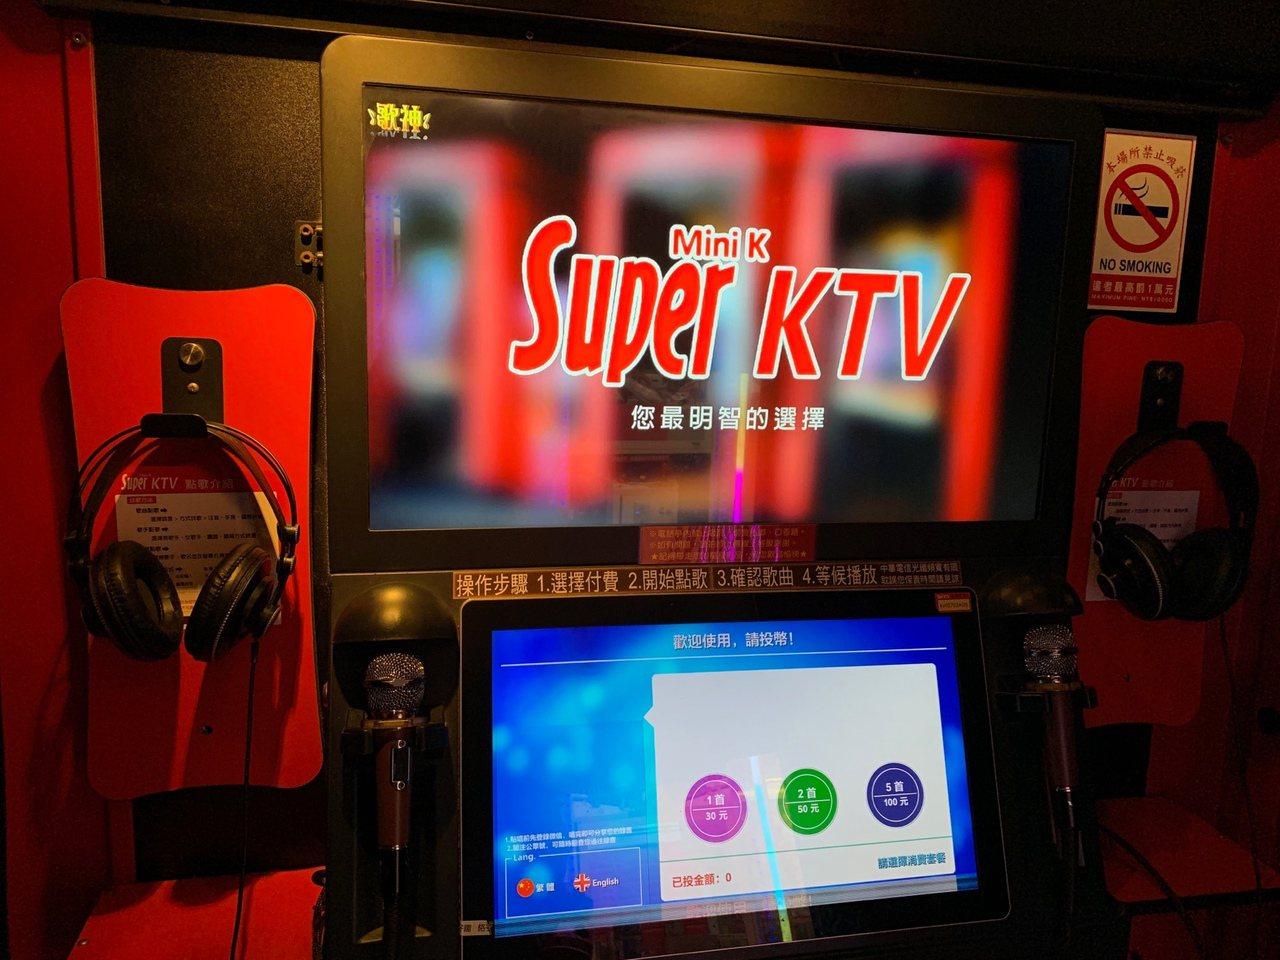 電話亭KTV遭控侵權,檢方偵辦後以不起訴處分。記者蕭雅娟/攝影